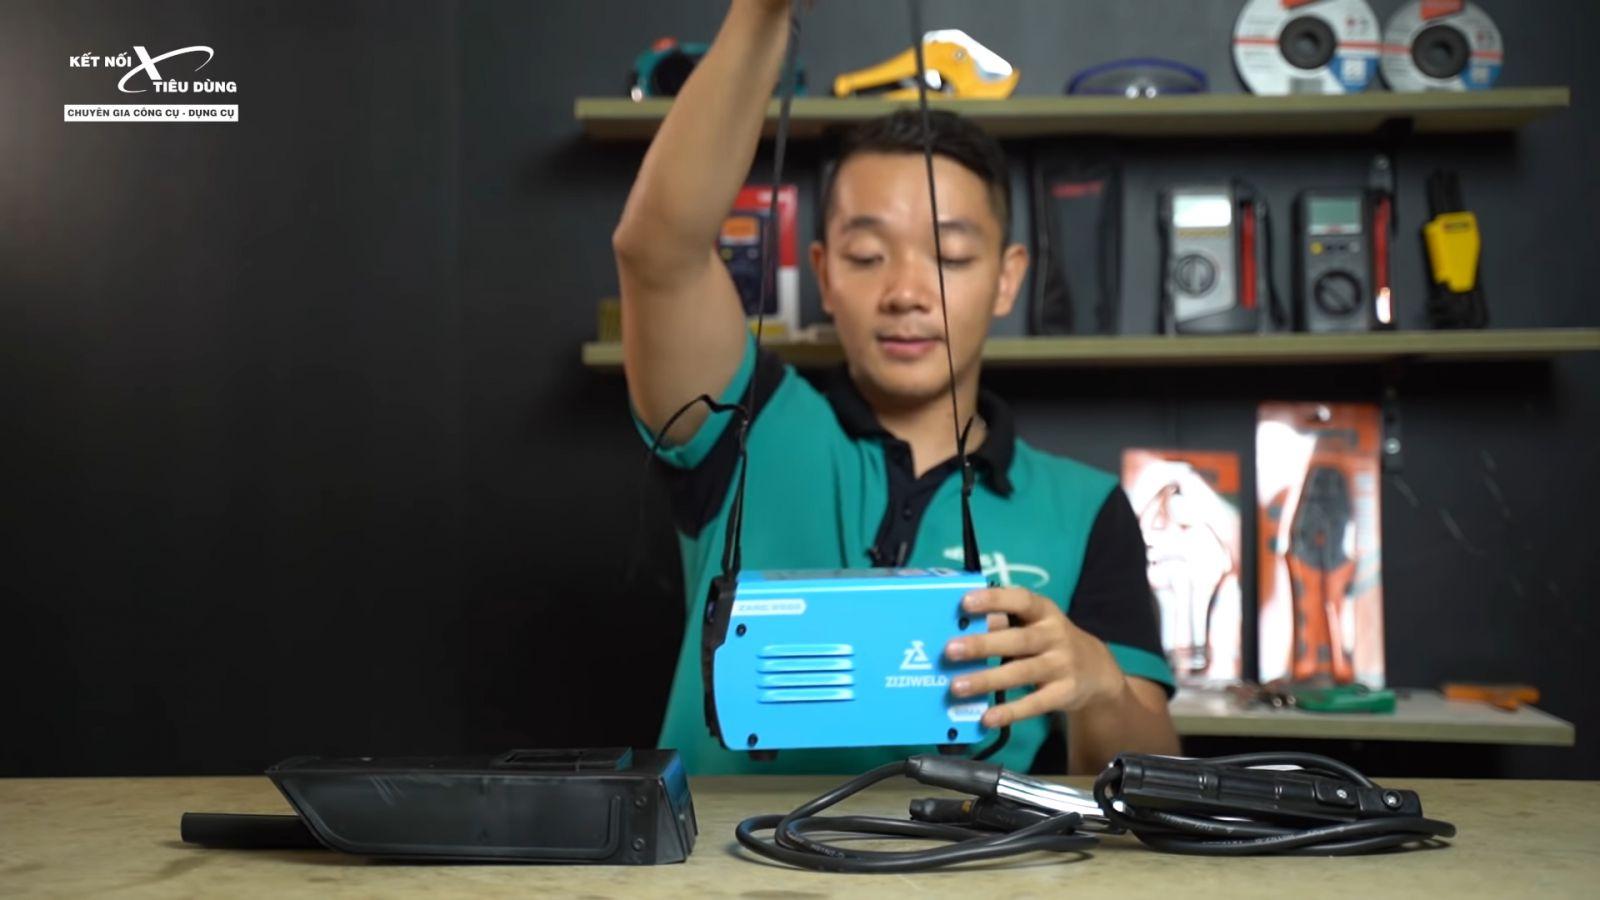 Review máy hàn que mini Ziziwweld ZARC 2500: siêu nhỏ, kéo que 2.5mm ngon lành, giá chỉ 1tr2, Weldcom phân phối - ưu điểm nổi bật của máy hàn